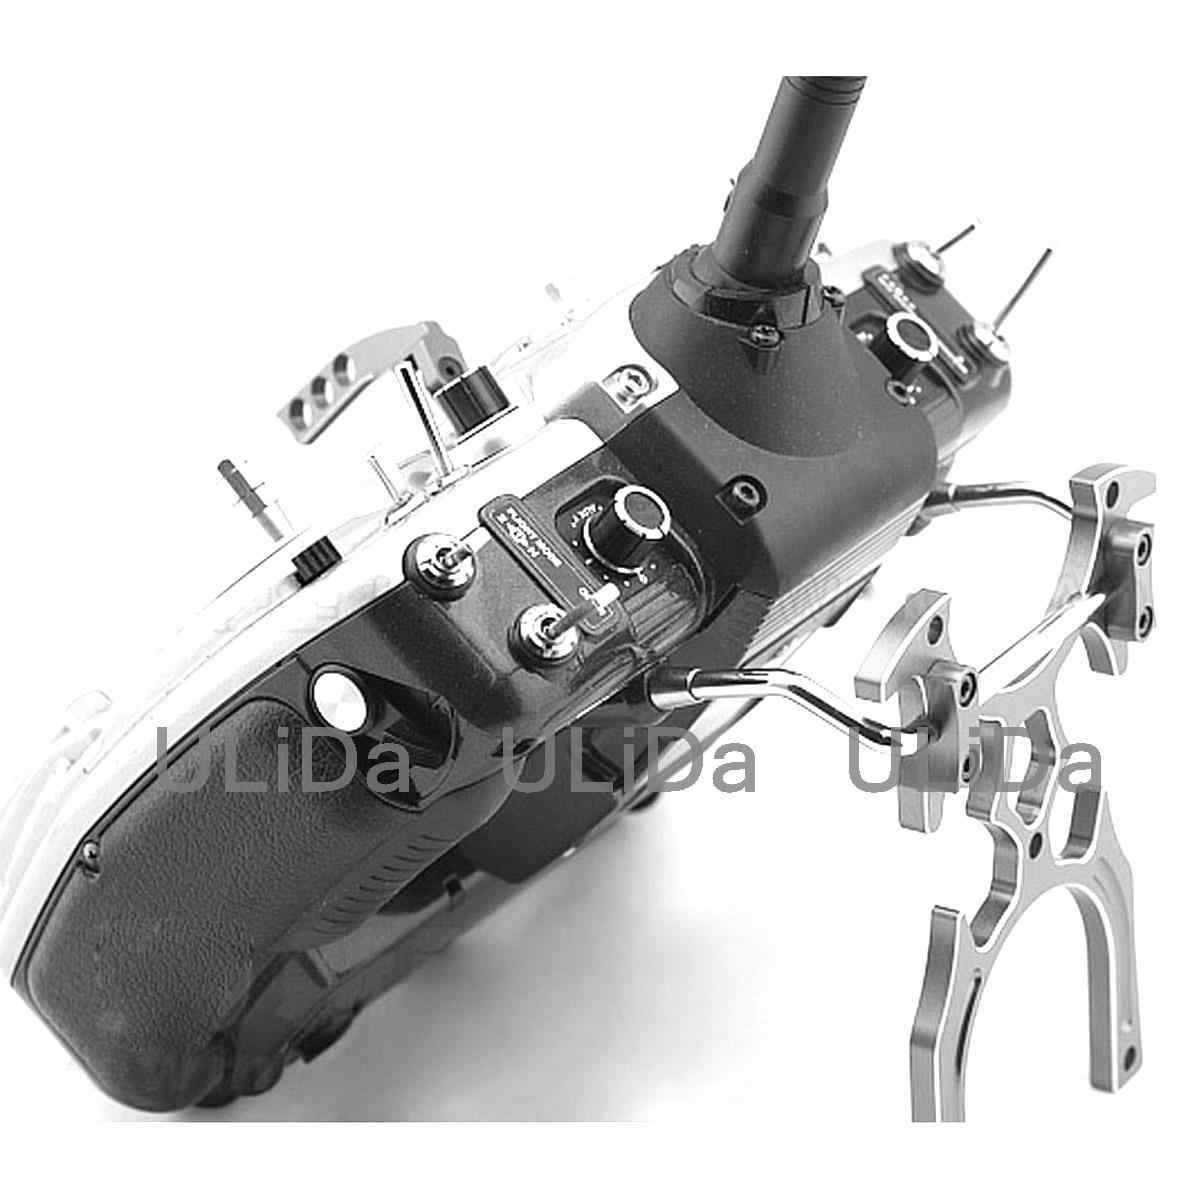 Soporte de tipo alargado soporte del transmisor de aluminio altura 138mm Launch Braket For JR FUTABA control remoto